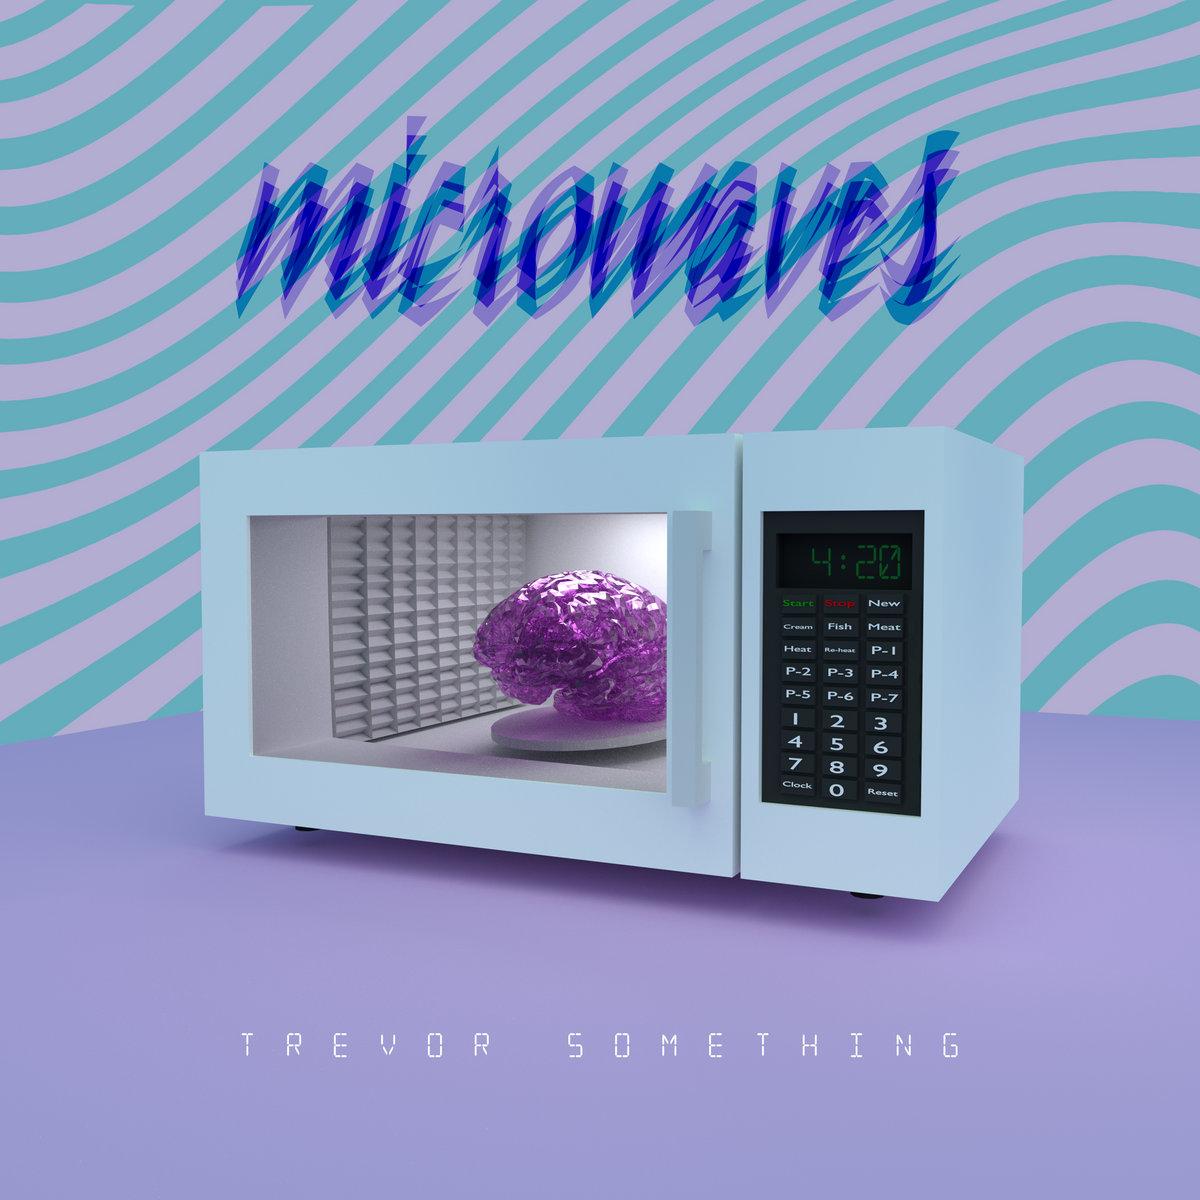 Trevor Something – Mircrowaves (2020) [FLAC]